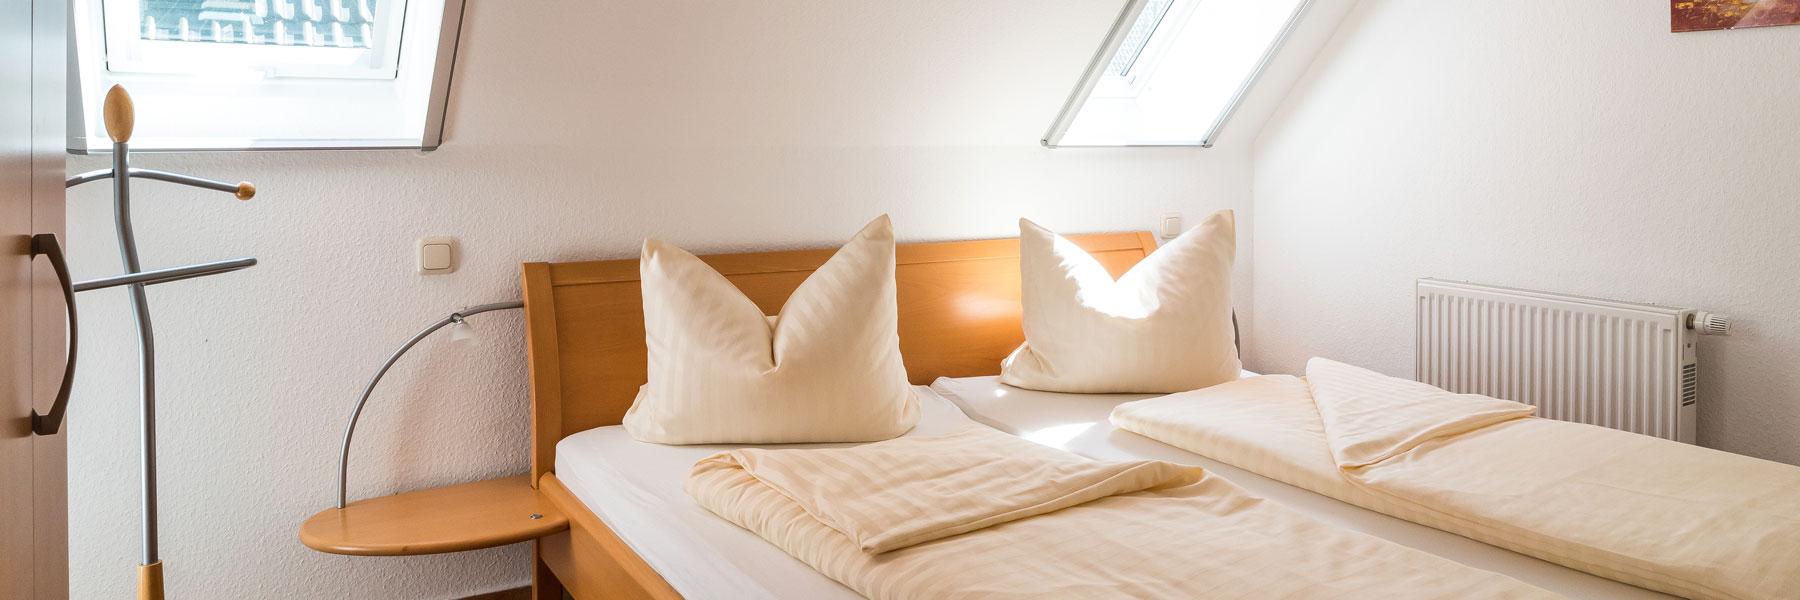 Schlafzimmer - Ferienhaus Kranichruf